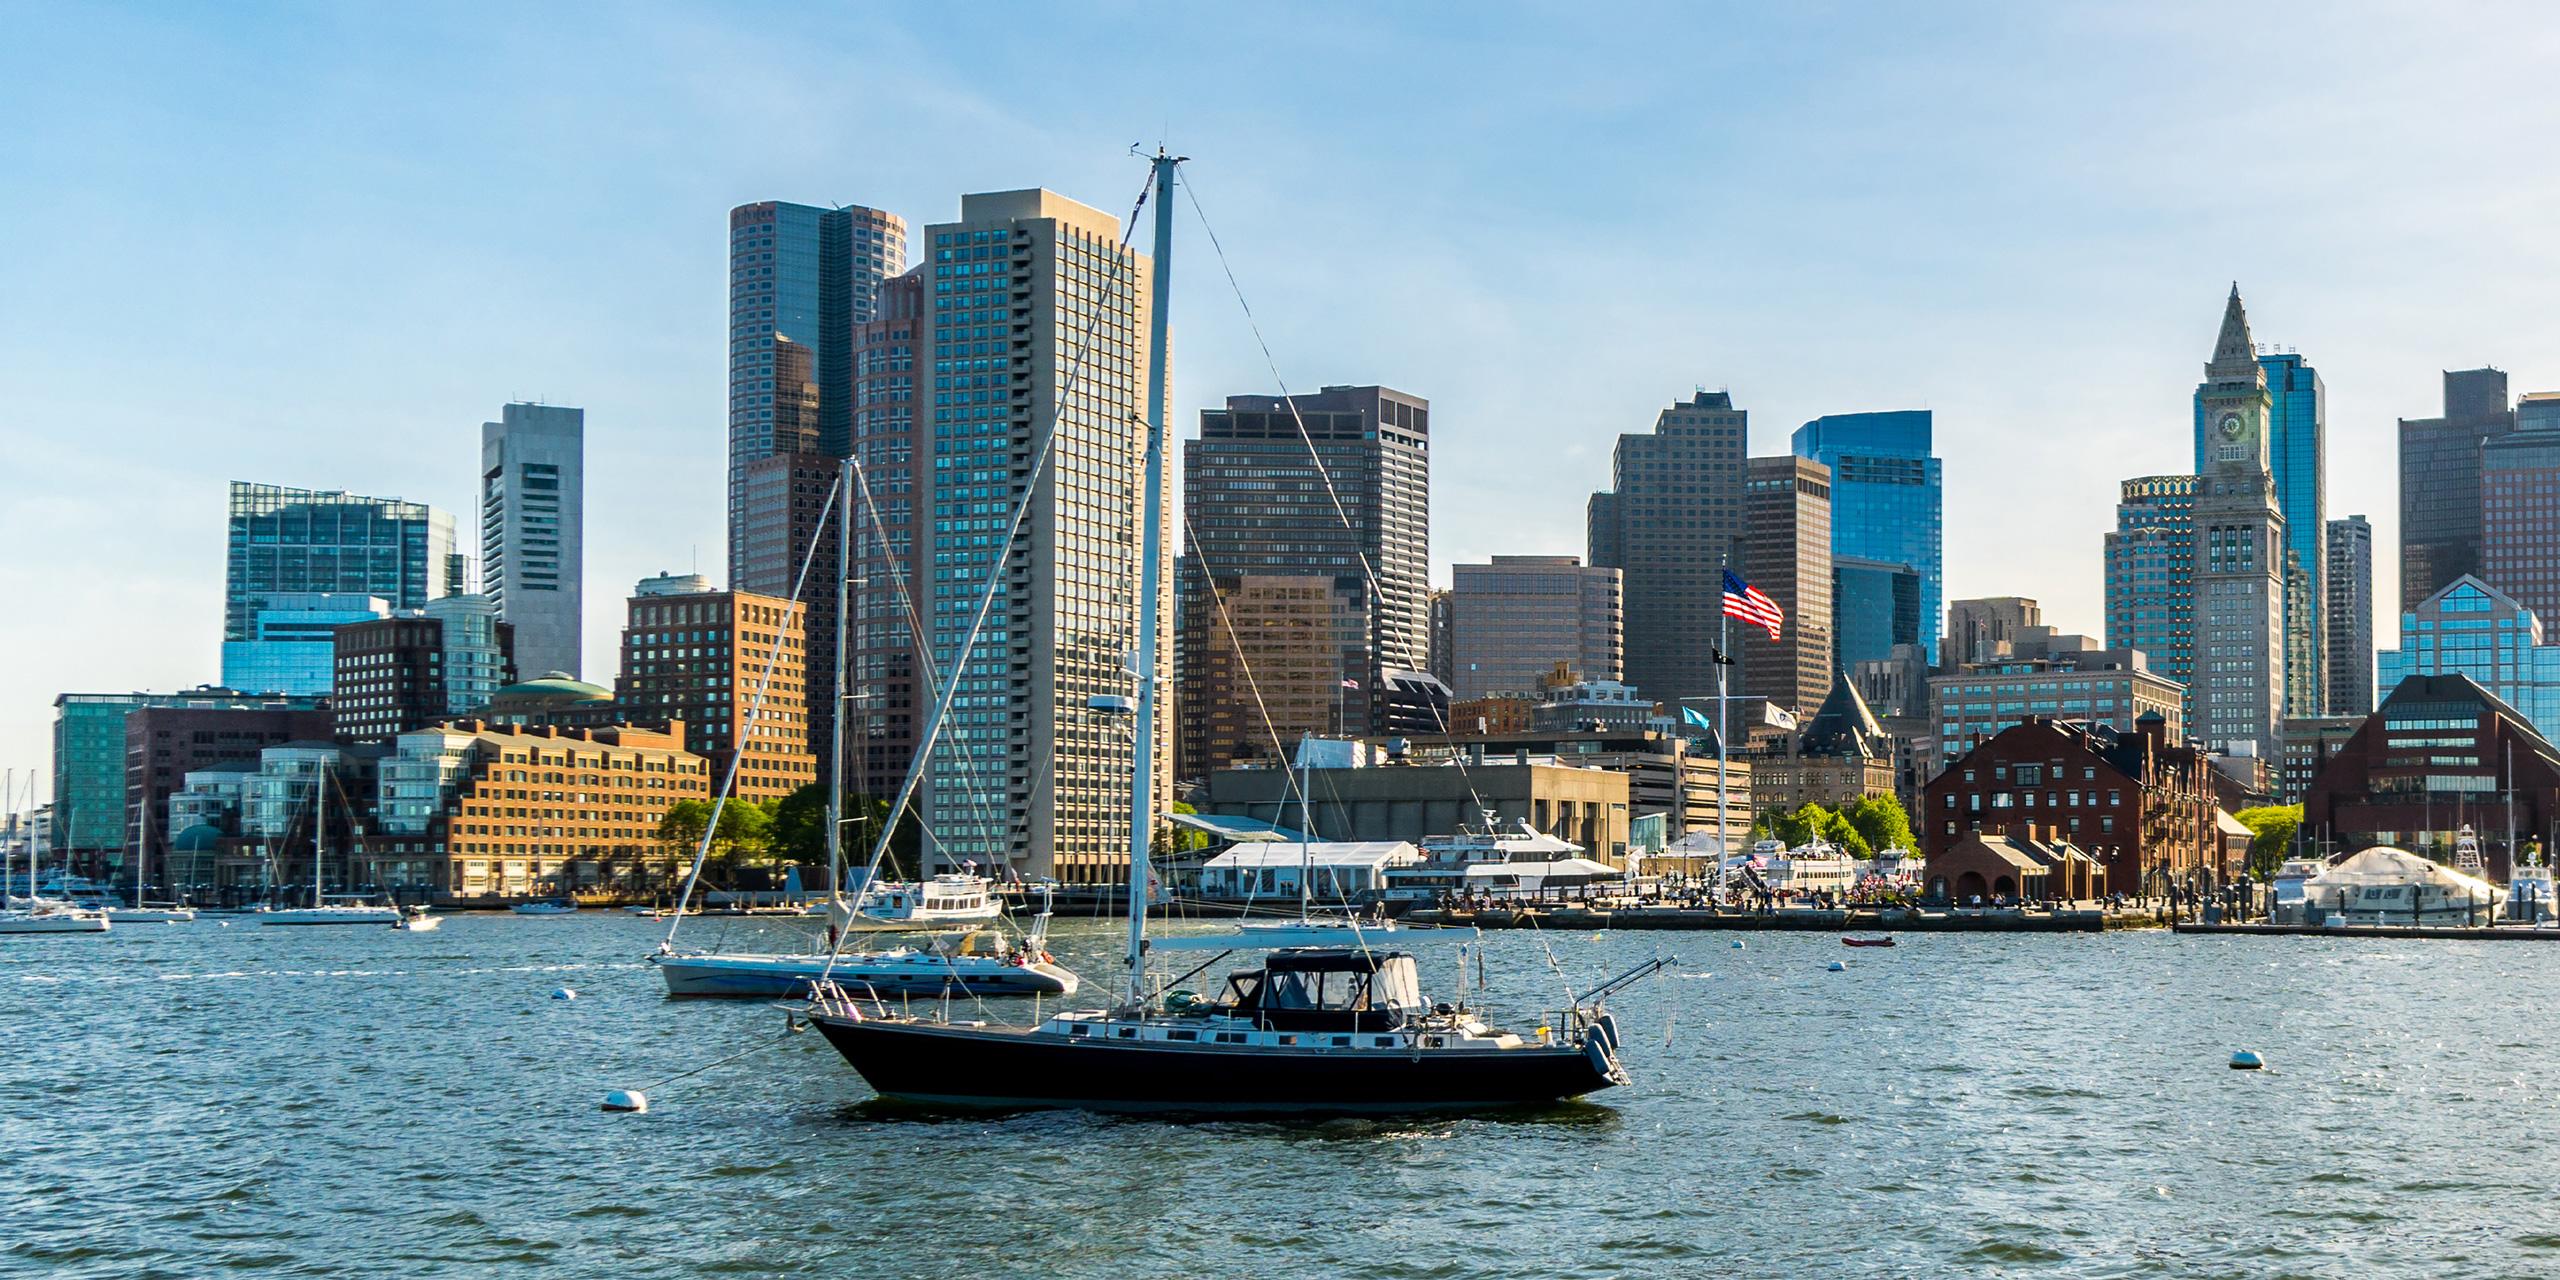 boats at a city pier